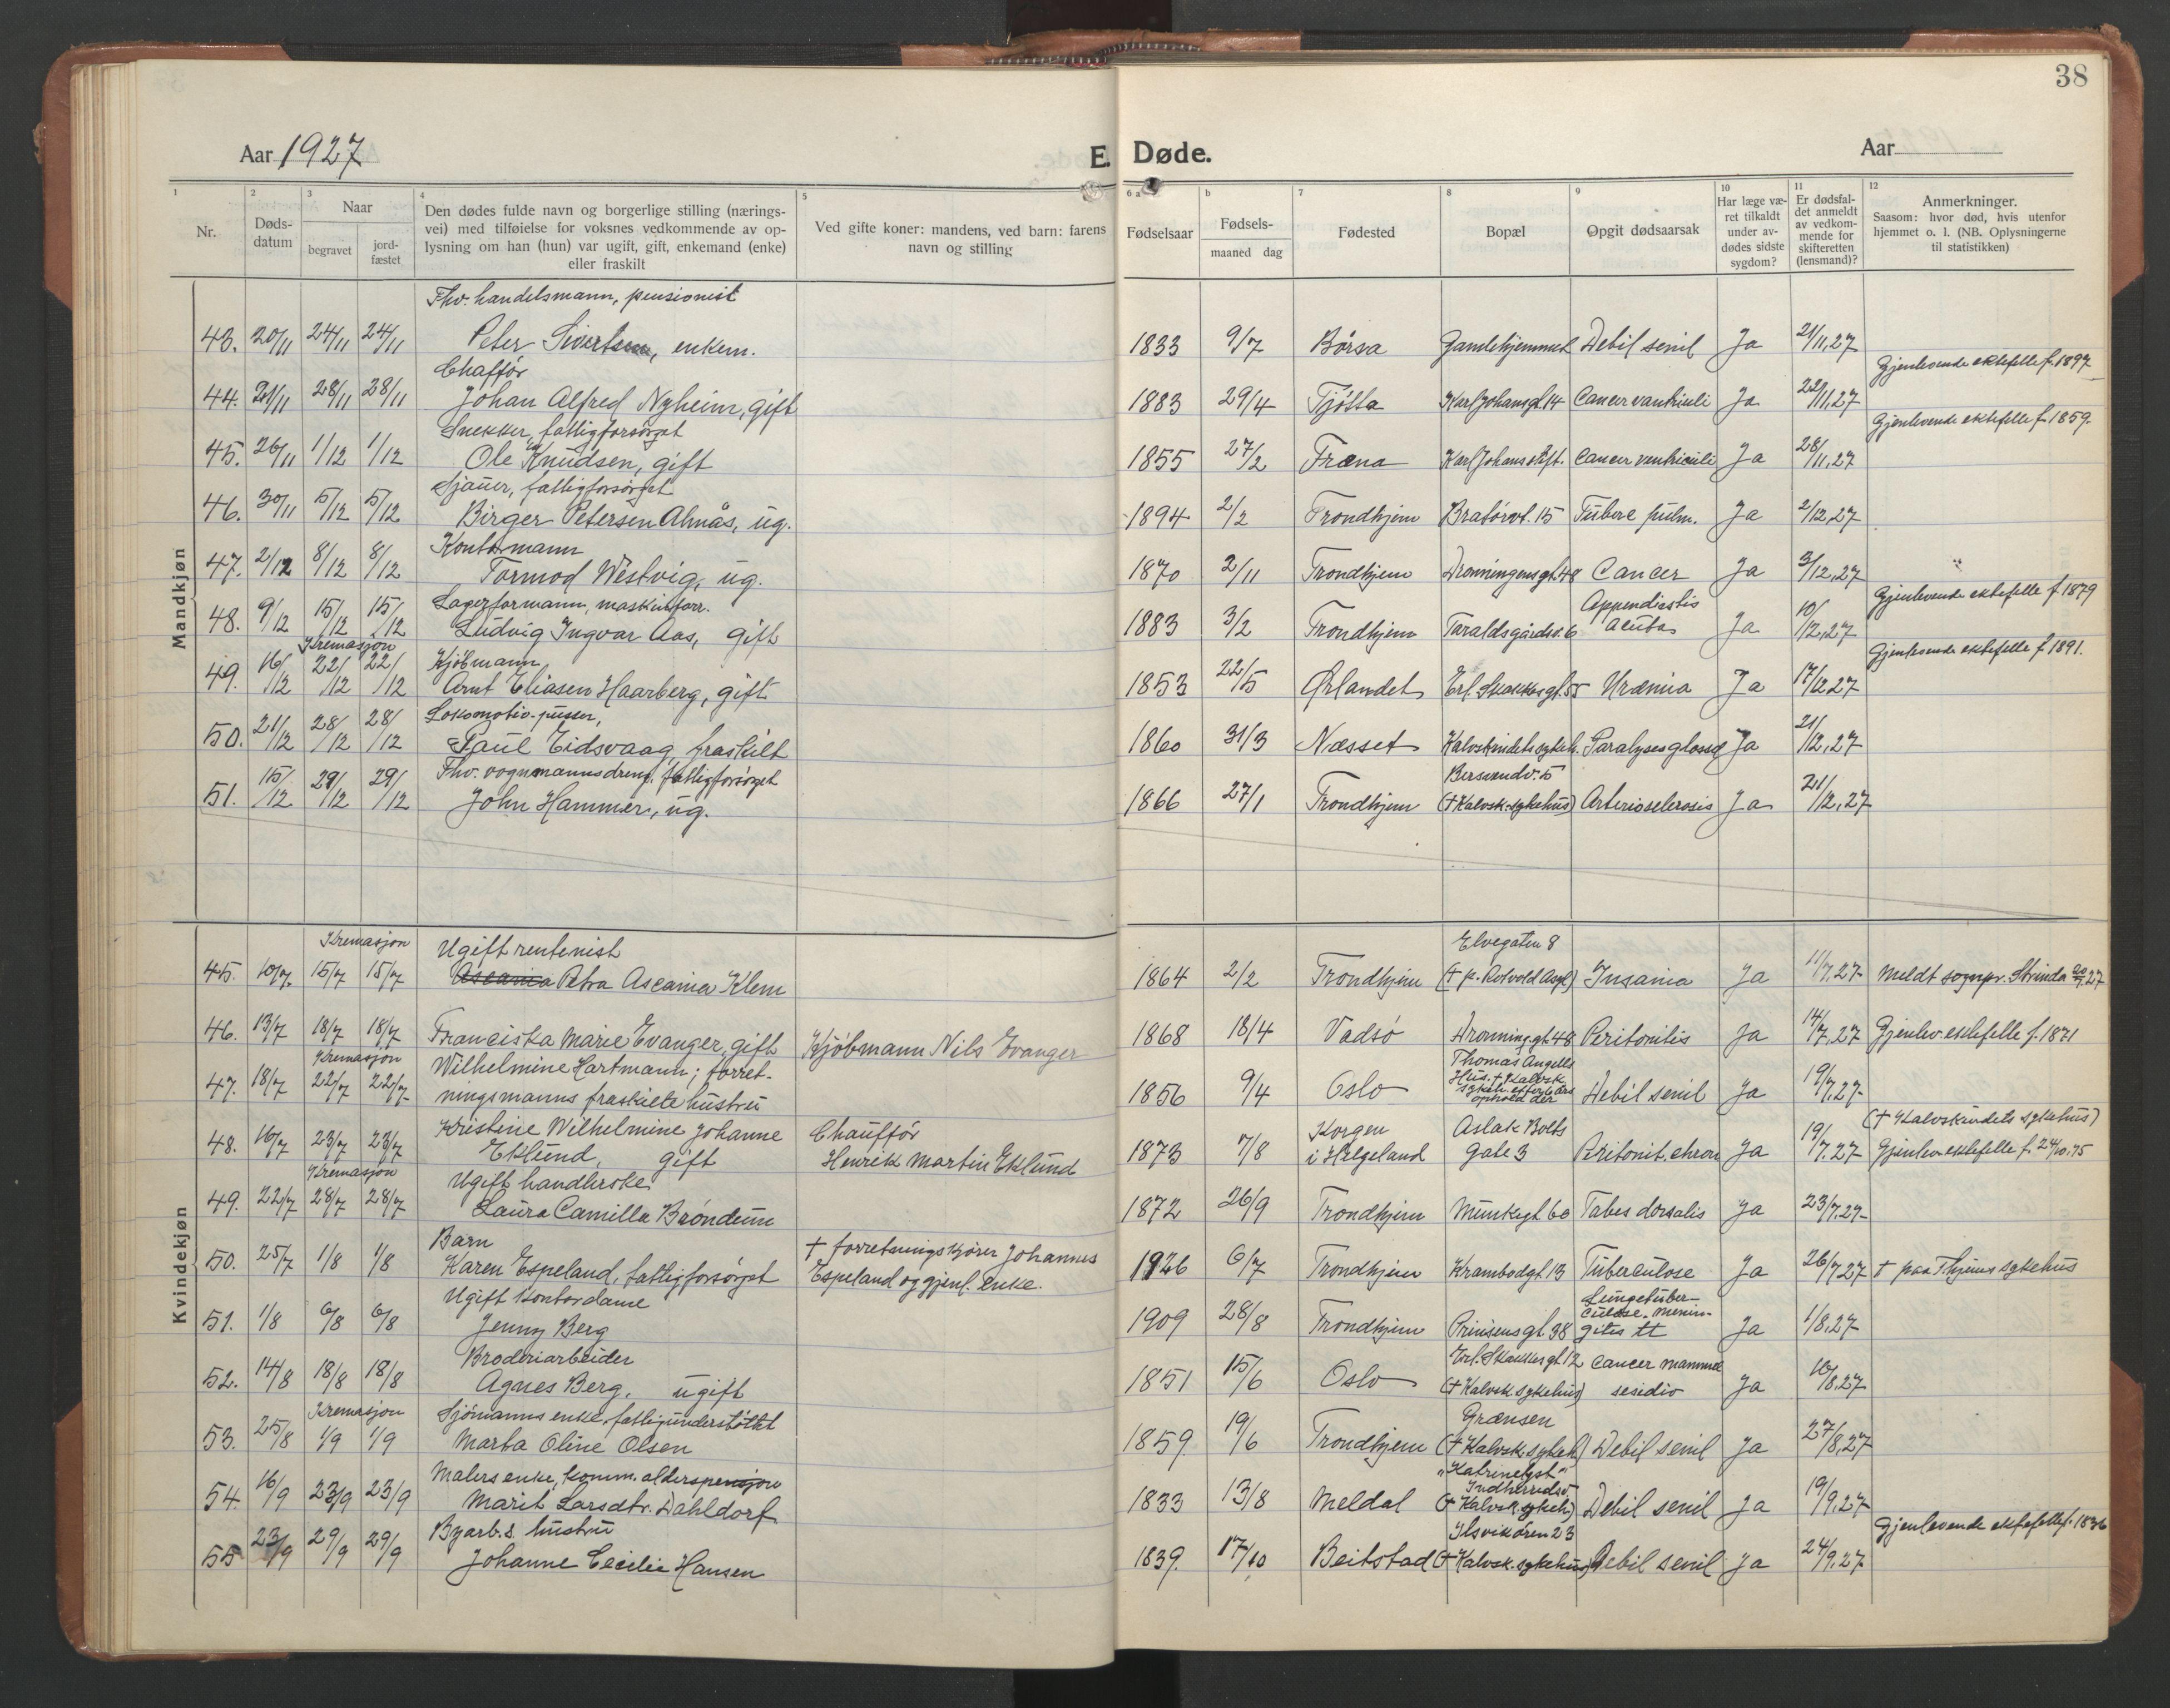 SAT, Ministerialprotokoller, klokkerbøker og fødselsregistre - Sør-Trøndelag, 602/L0150: Klokkerbok nr. 602C18, 1922-1949, s. 38